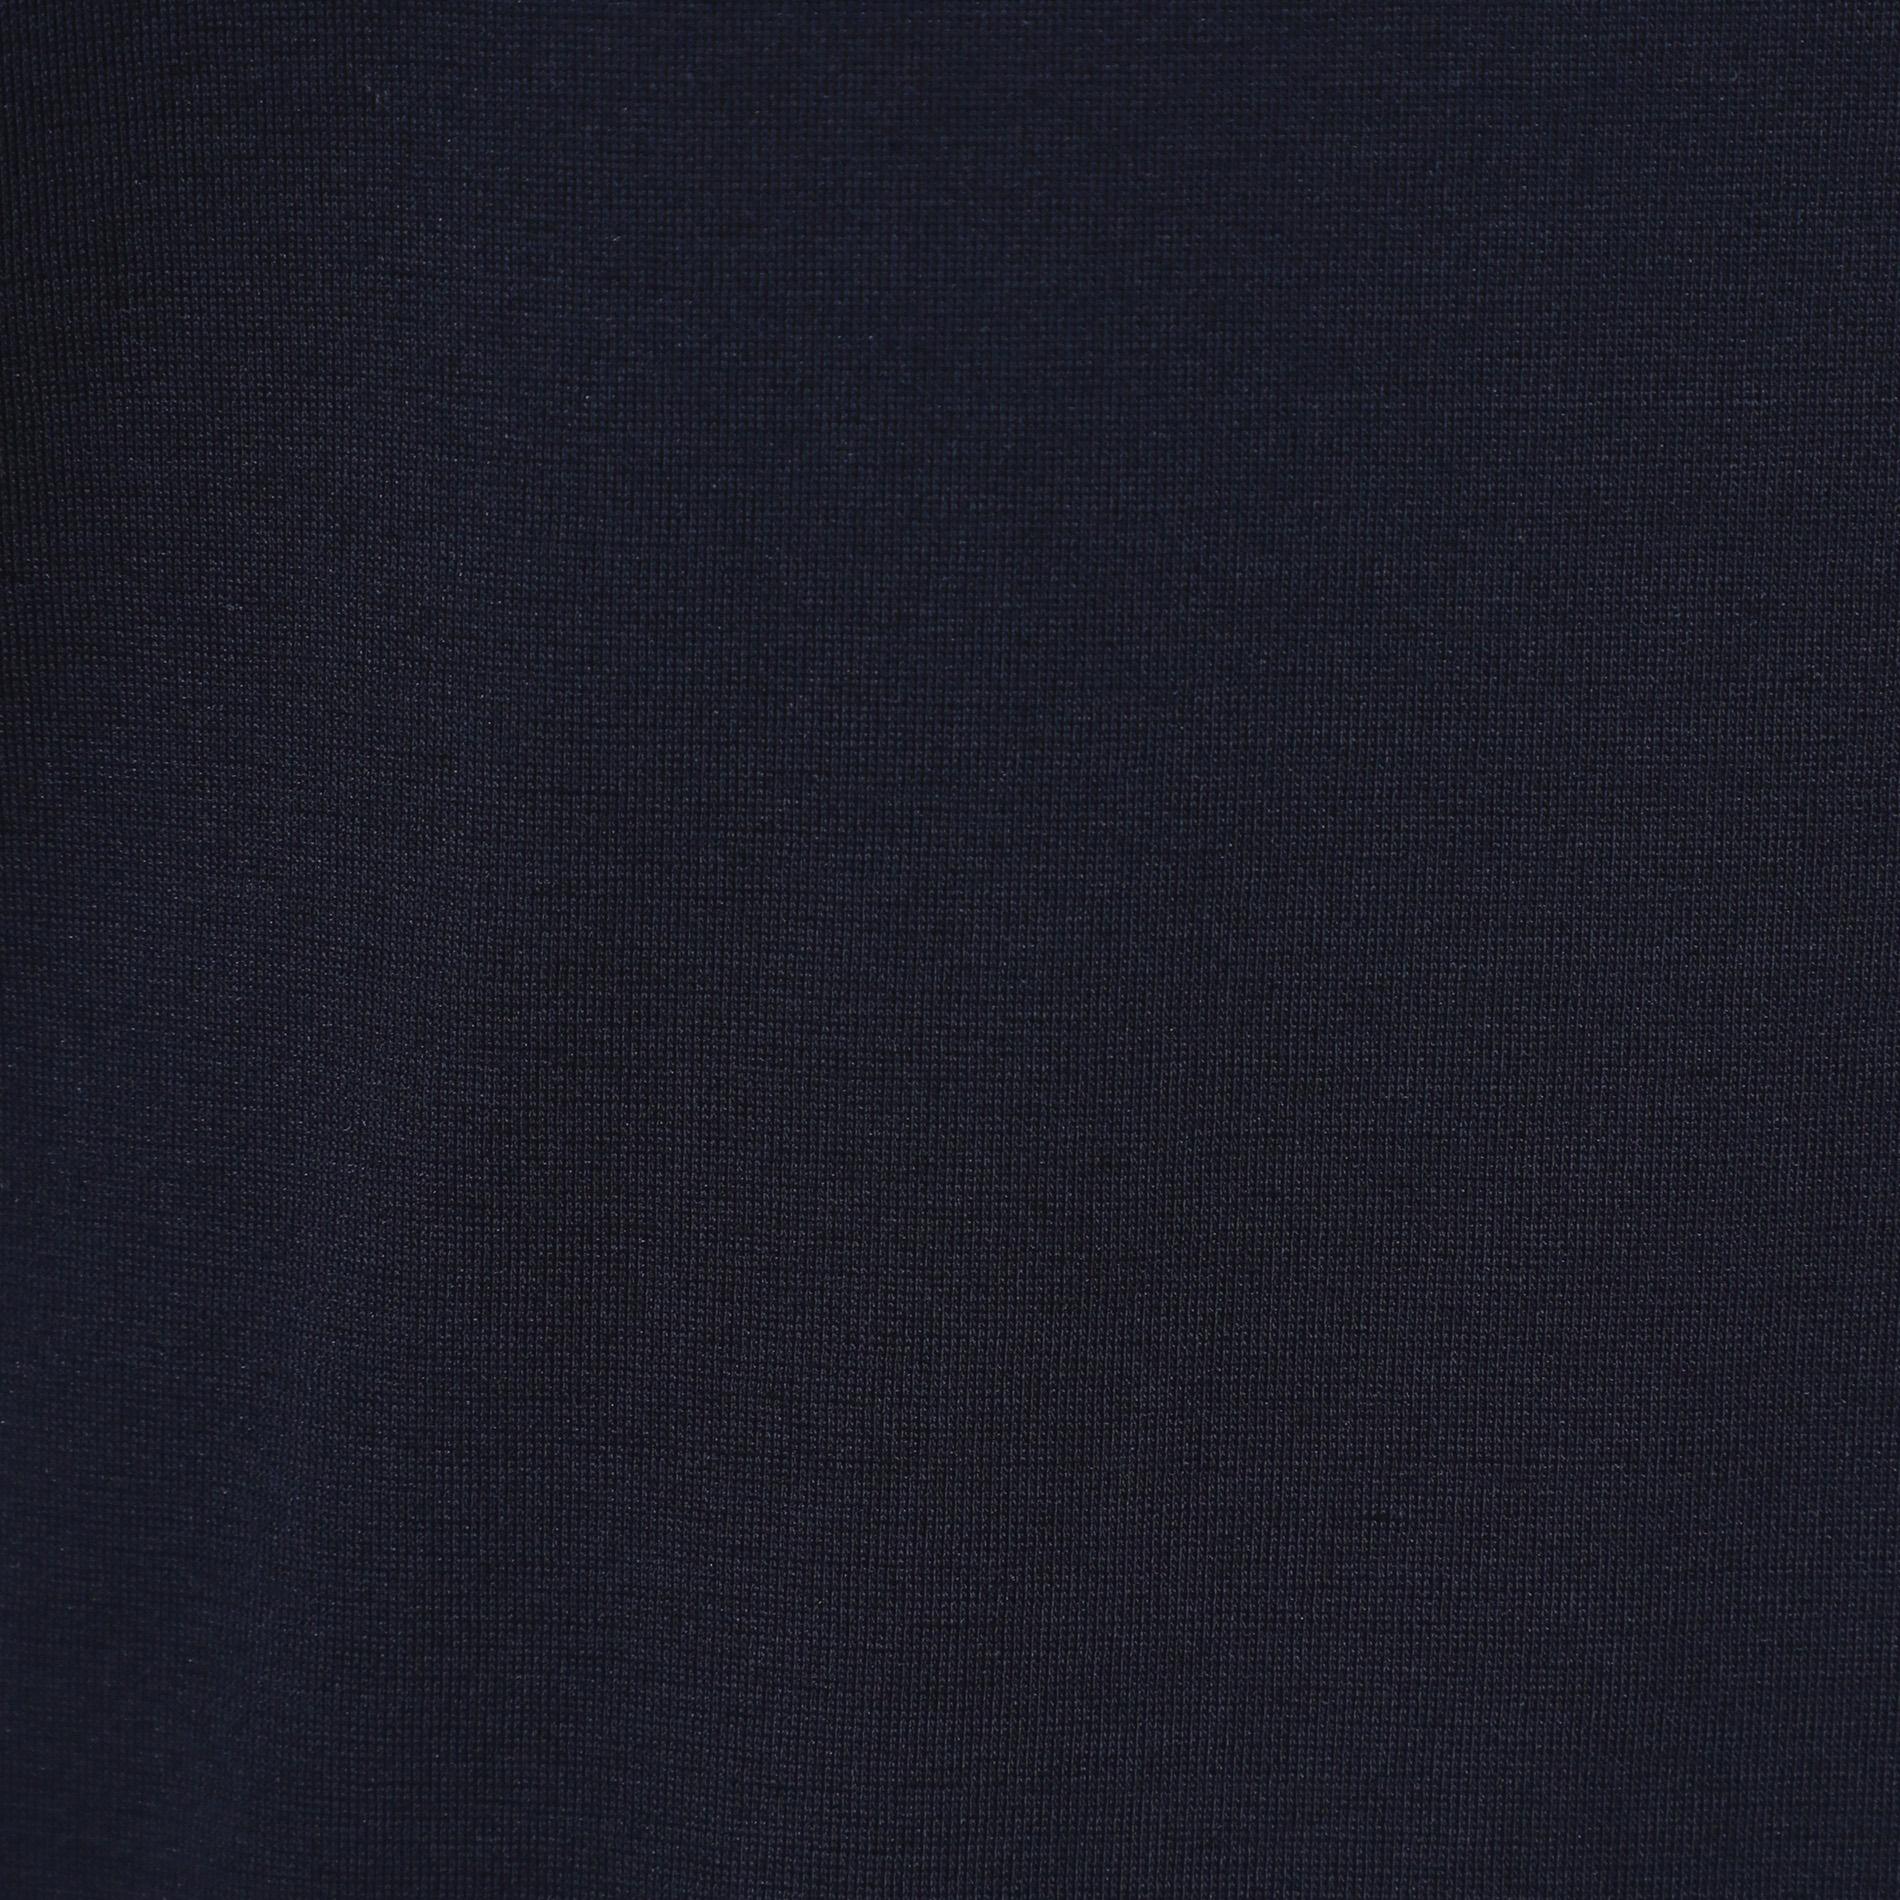 レースコンビTシャツ